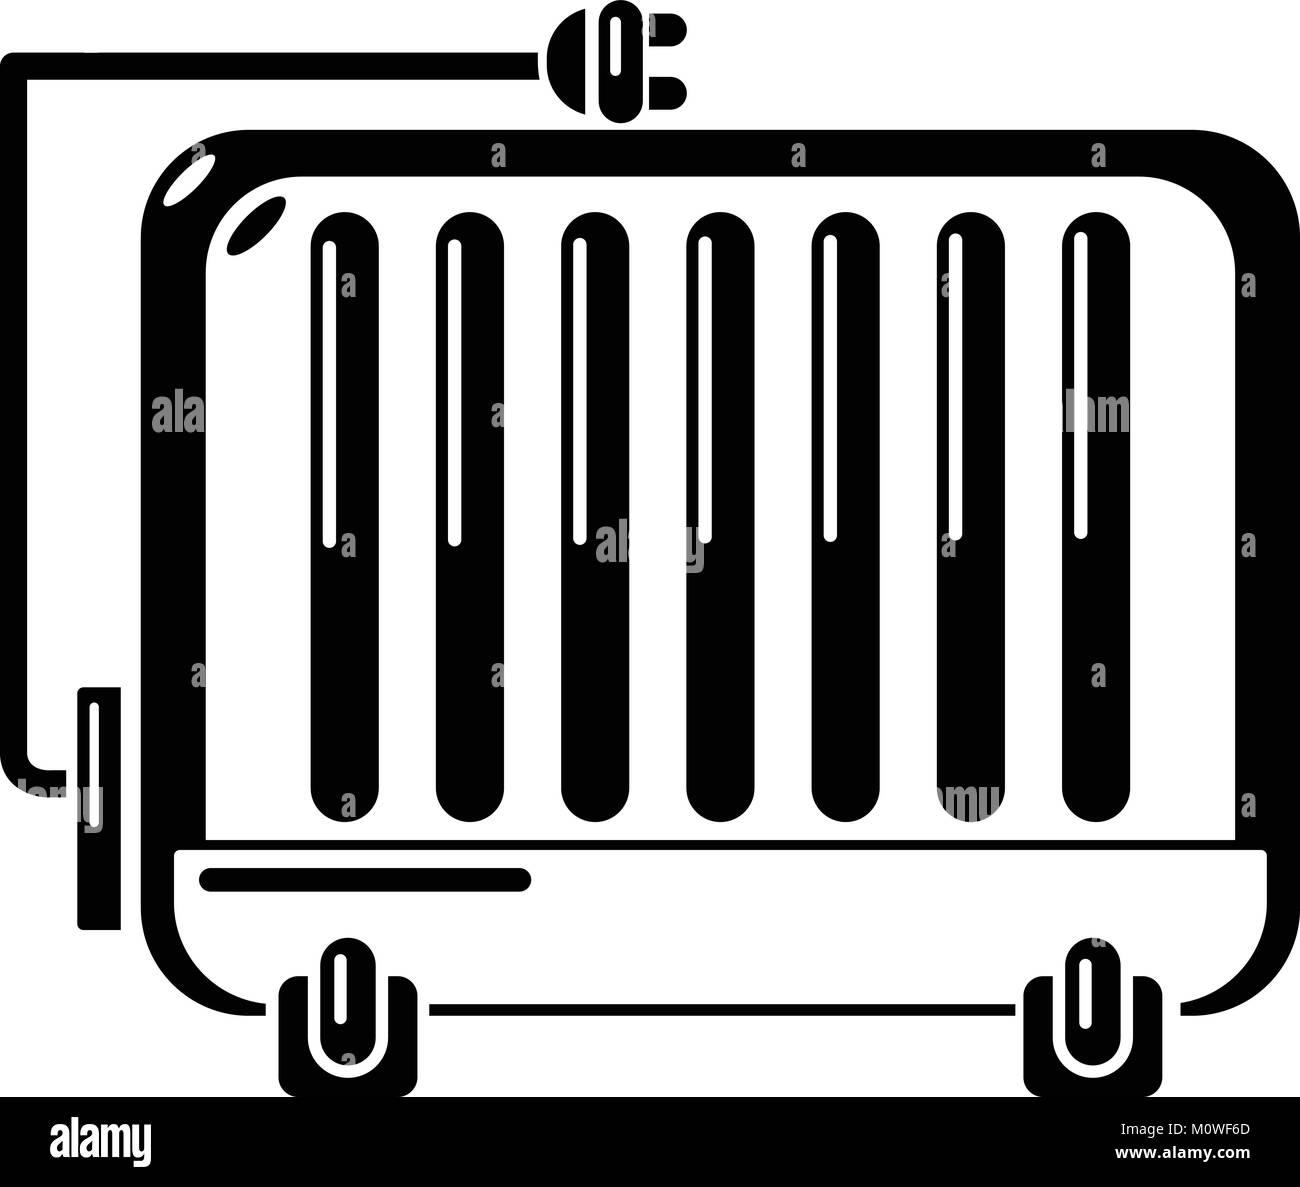 Ausgezeichnet Elektrische Hausverkabelungssymbole Galerie - Der ...